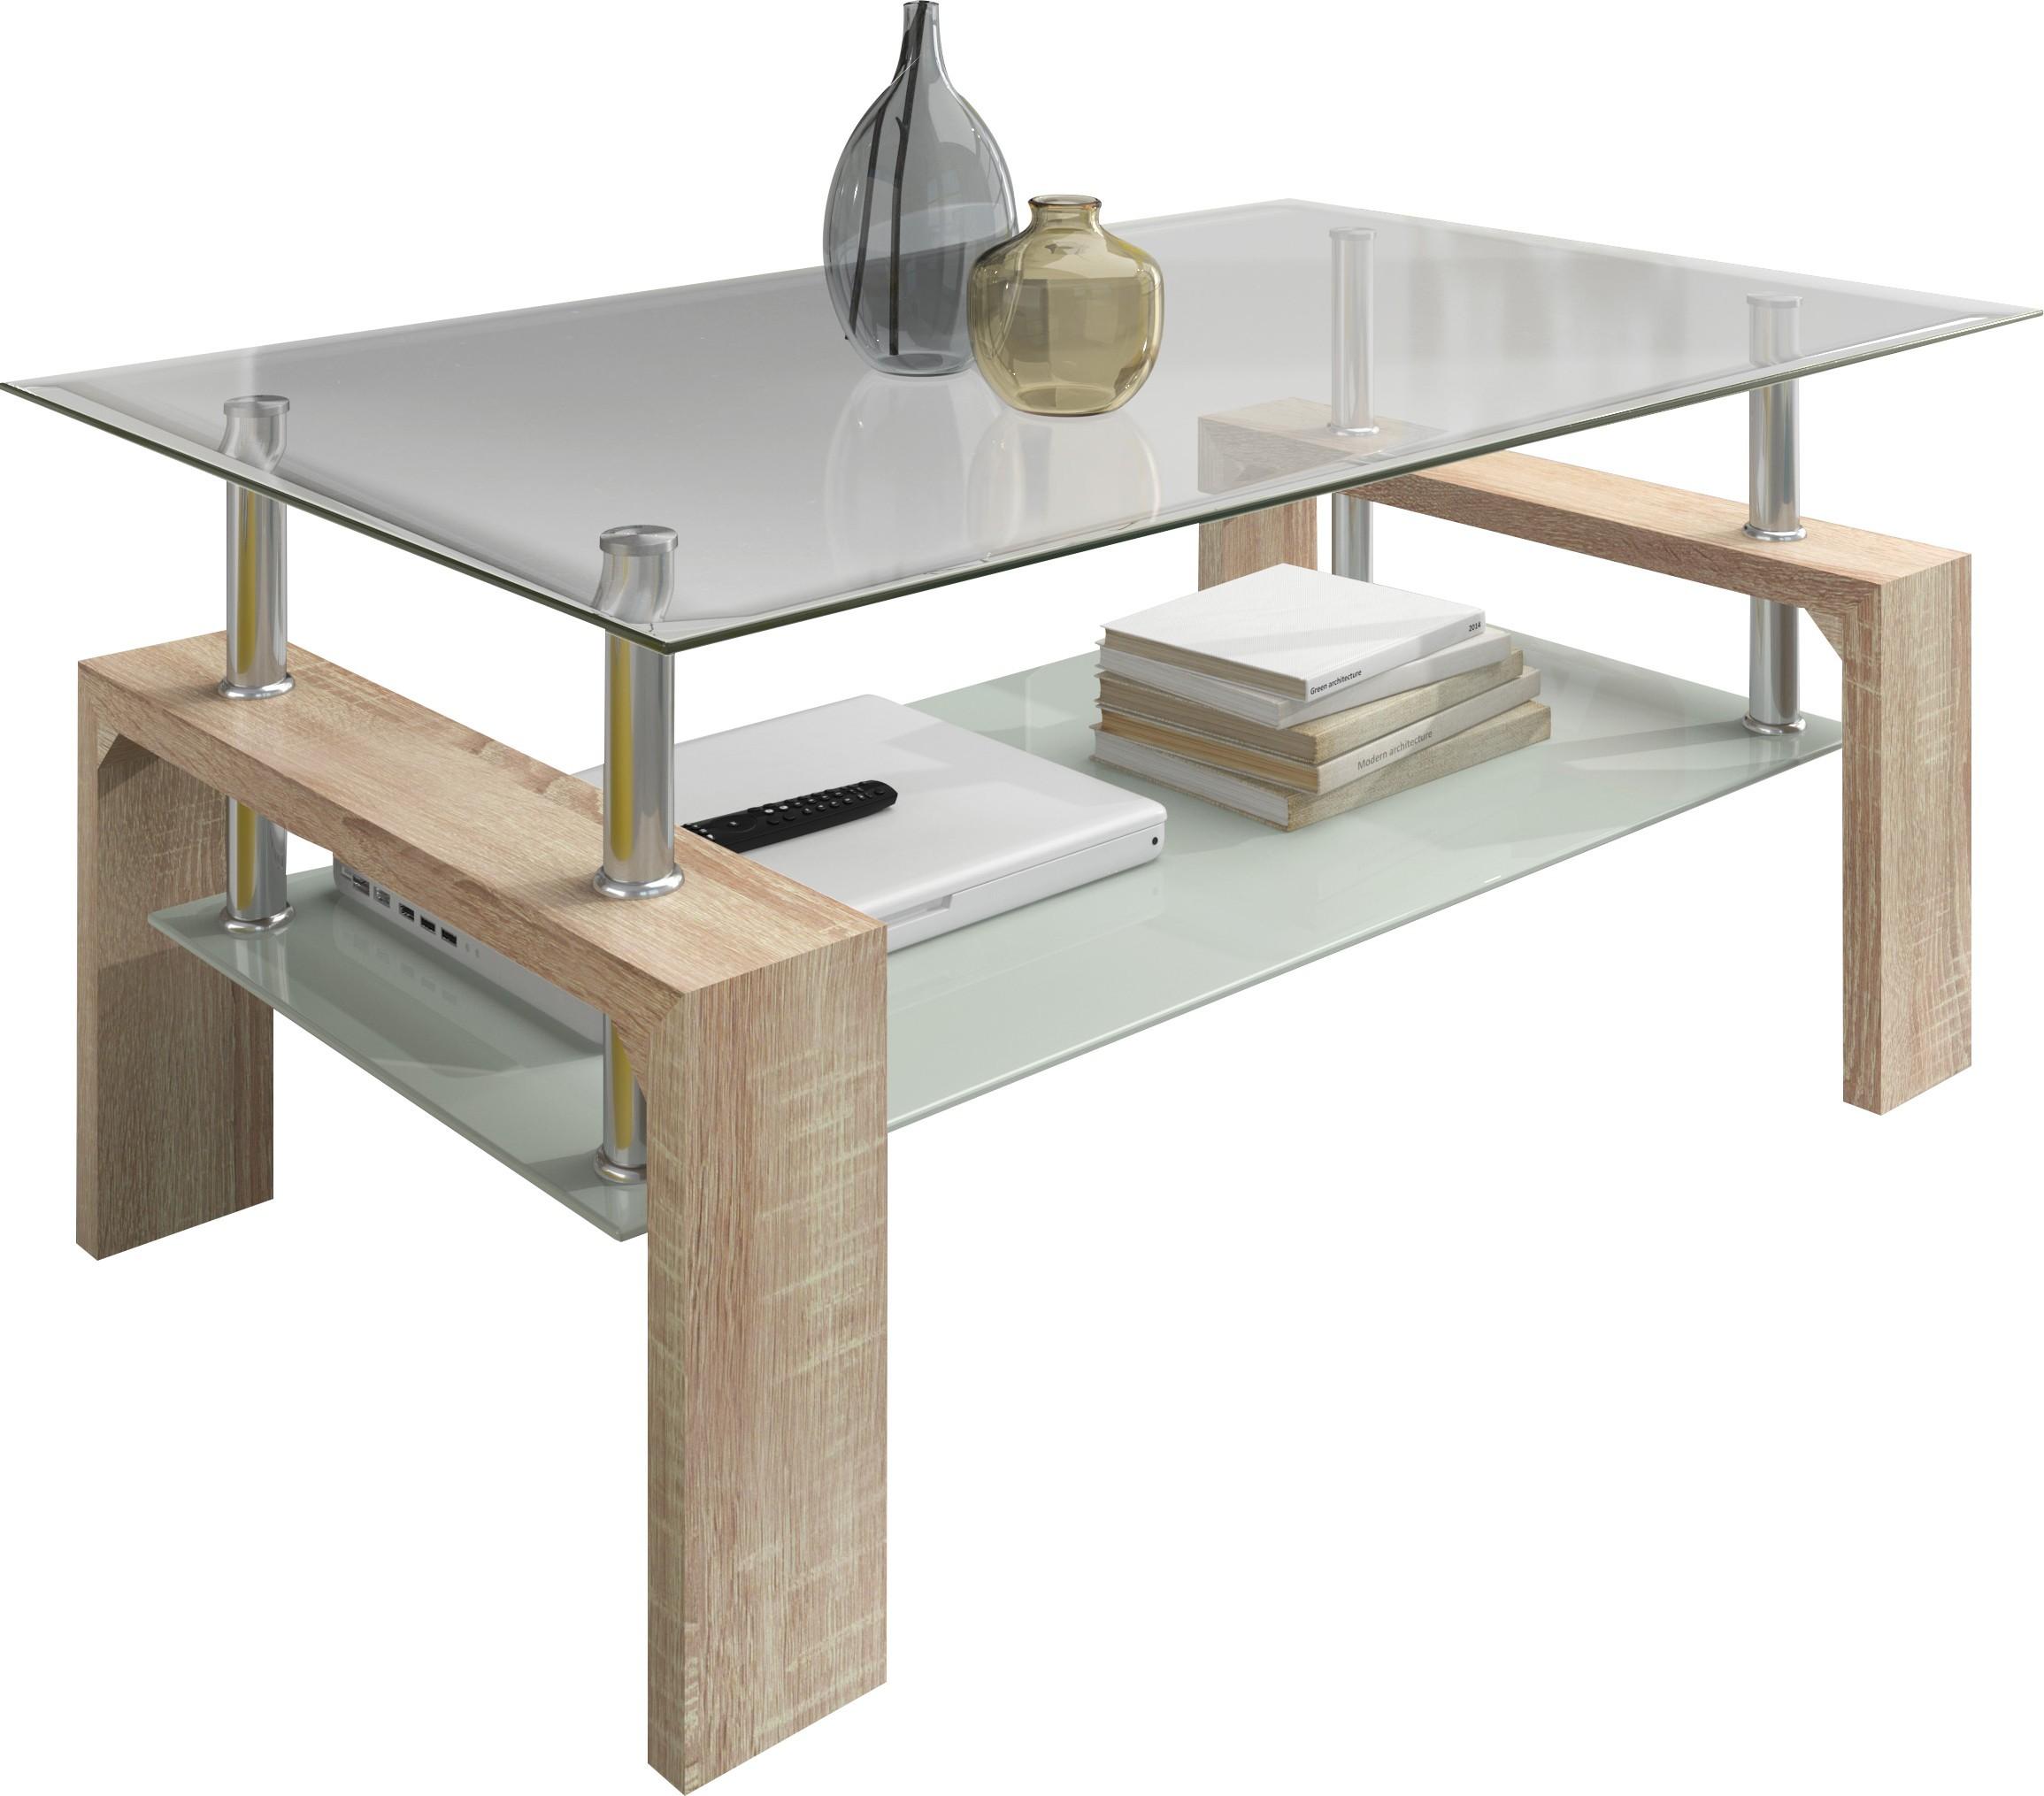 table basse bois et verre fashion designs. Black Bedroom Furniture Sets. Home Design Ideas